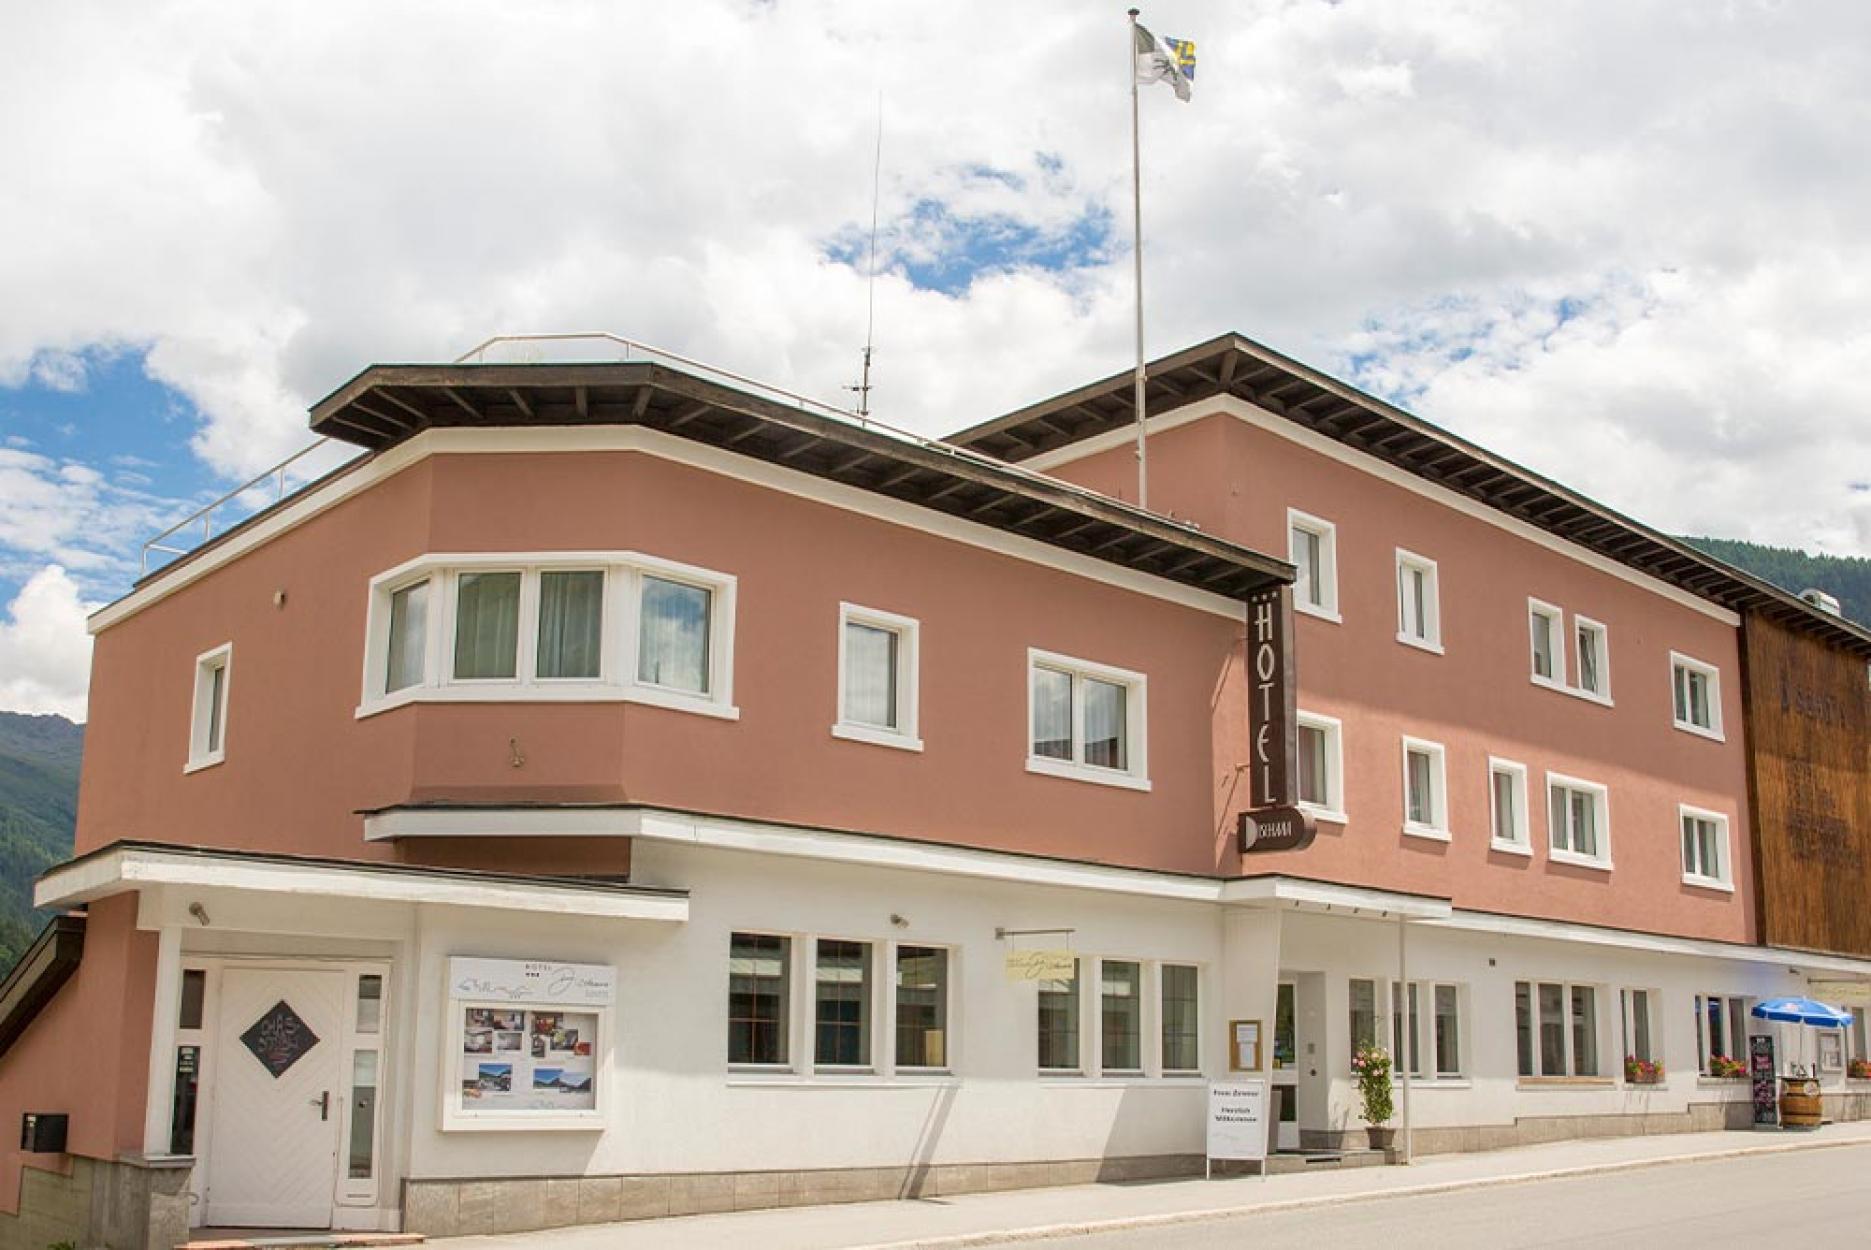 Hotel Dischma, Davos, graubündenBIKE-Hotel